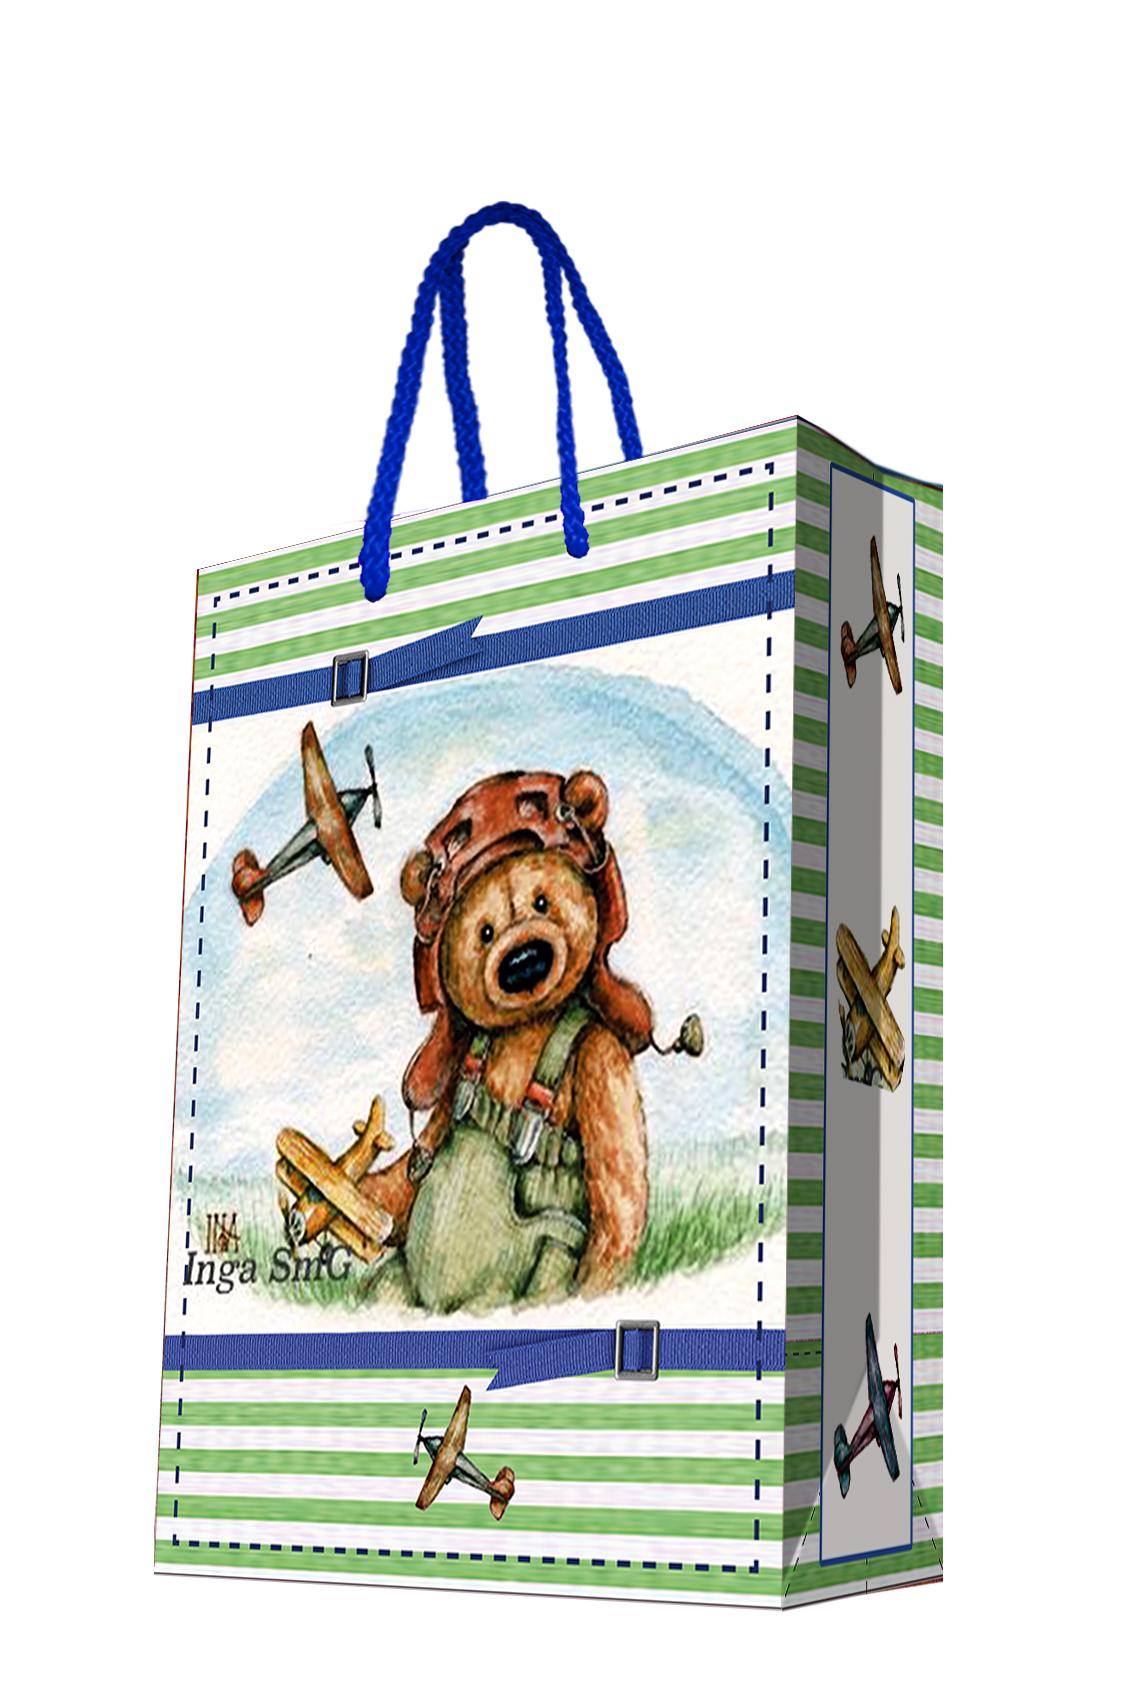 Пакет подарочный Magic Home Мишка-летчик, 17,8 х 22,9 х 9,8 см44176Подарочный пакет Magic Home, изготовленный из плотной бумаги, станет незаменимым дополнением к выбранному подарку. Дно изделия укреплено картоном, который позволяет сохранить форму пакета и исключает возможность деформации дна под тяжестью подарка. Пакет выполнен с глянцевой ламинацией, что придает ему прочность, а изображению - яркость и насыщенность цветов. Для удобной переноски имеются две ручки в виде шнурков.Подарок, преподнесенный в оригинальной упаковке, всегда будет самым эффектным и запоминающимся. Окружите близких людей вниманием и заботой, вручив презент в нарядном, праздничном оформлении.Плотность бумаги: 140 г/м2.